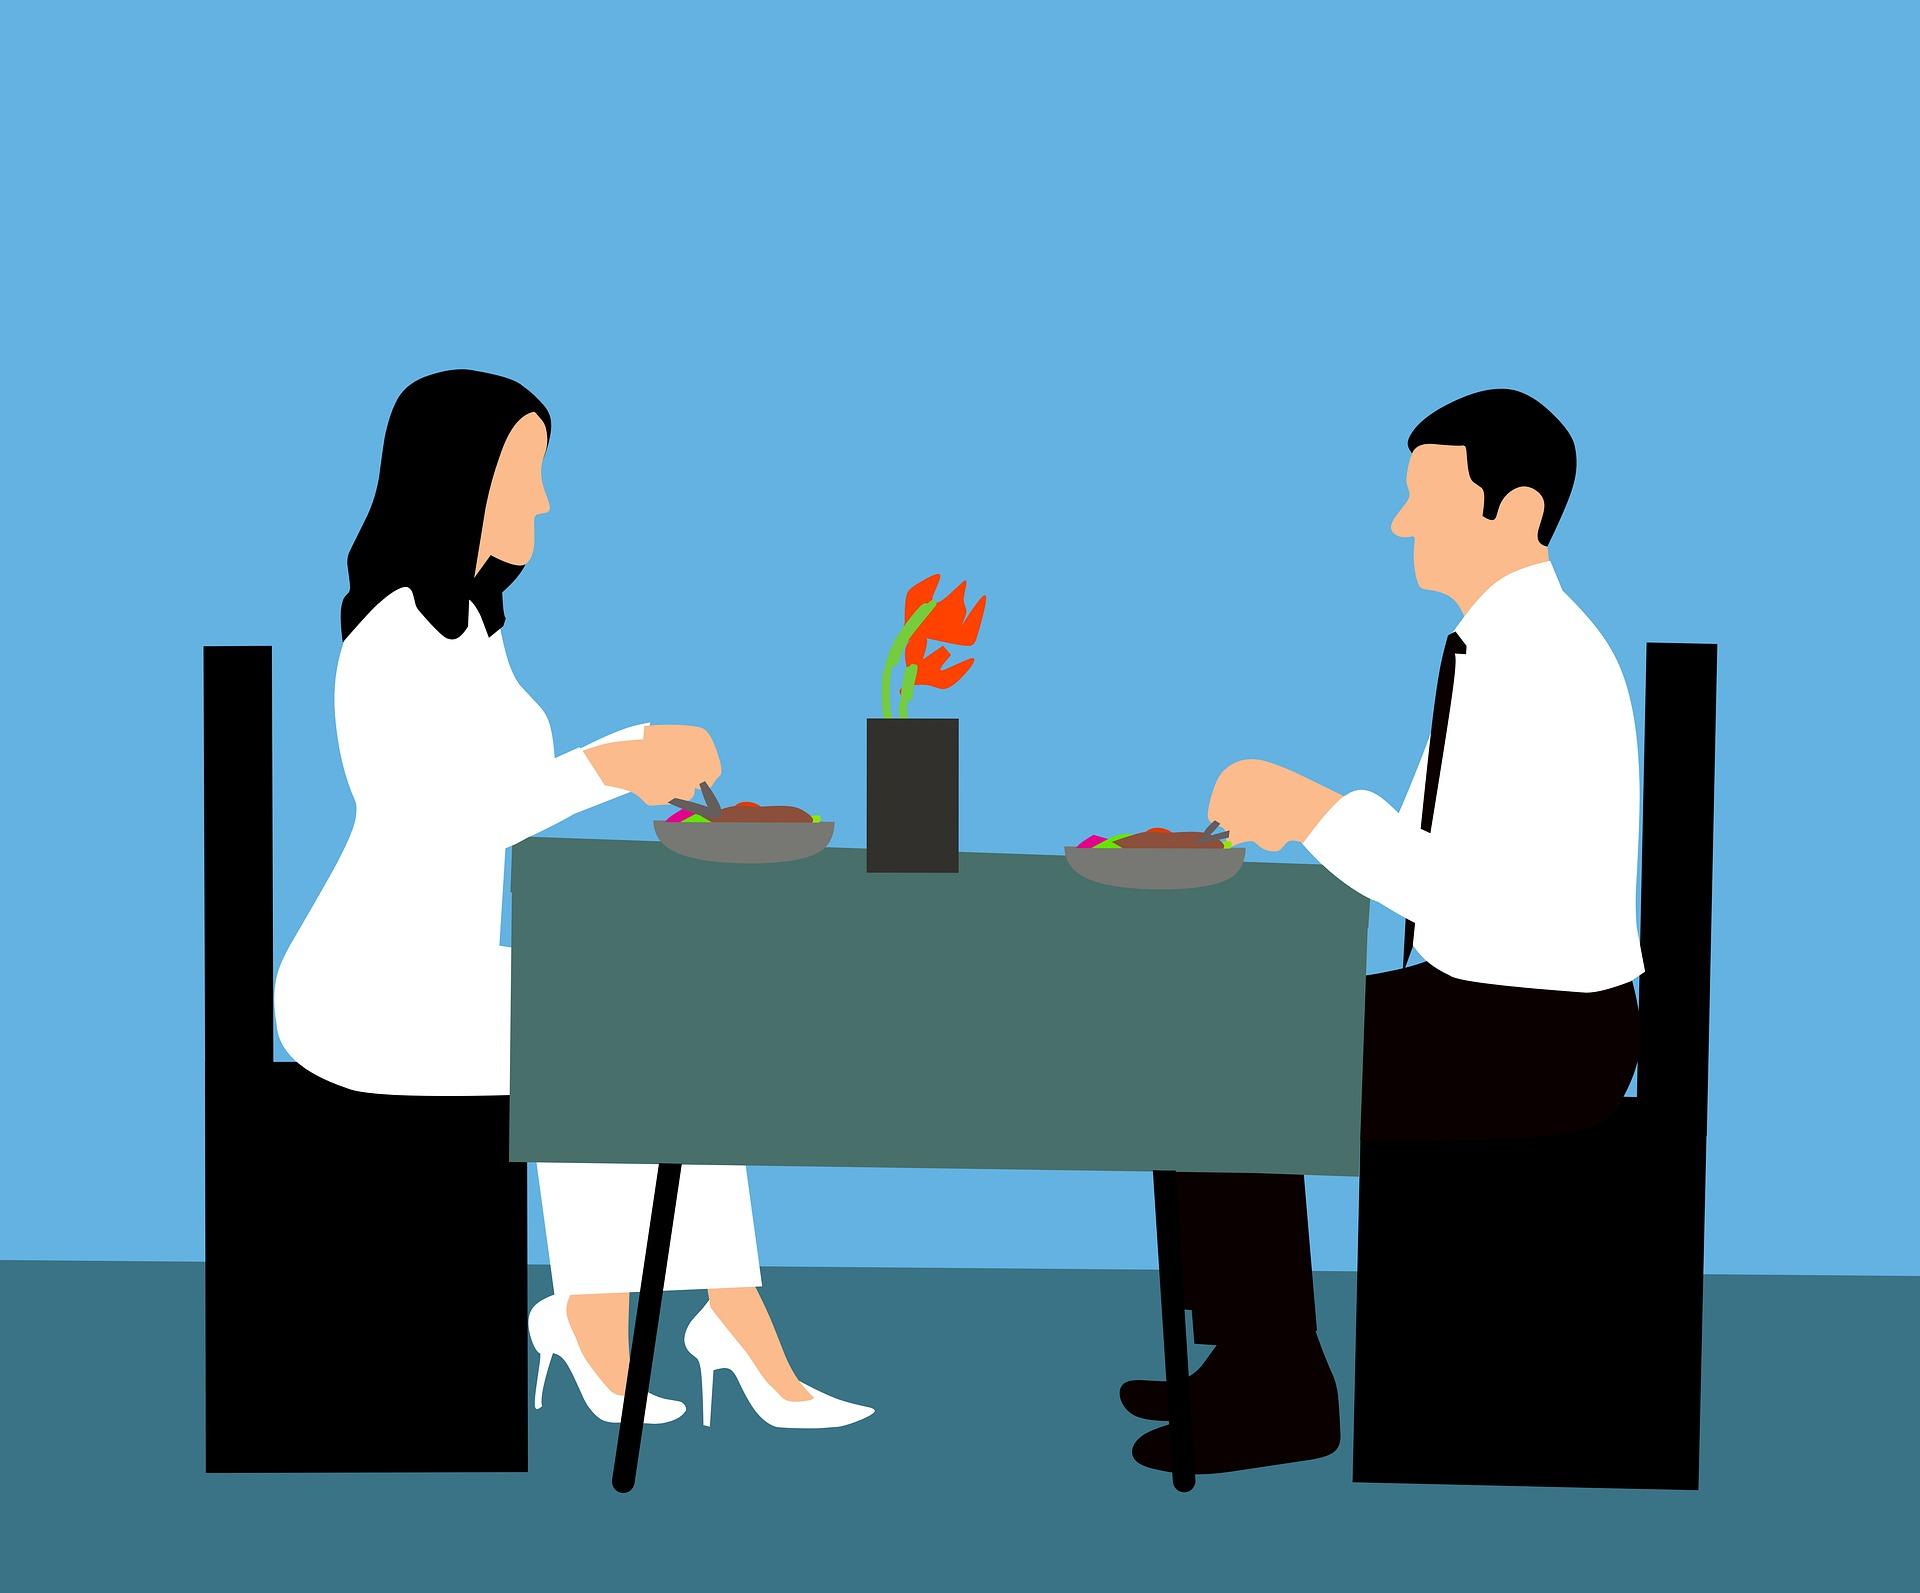 במאמר הקודם דיברנו על חשיבותה של התקשורת הזוגית מעבר לדיבורים ה'טכניים', ועל יתרונותיה. במאמר זה נסקור את המאפיינים עליהם מומלץ להקפיד בזמן קיום השיחה הזוגית, כדי שזו תהייה אכן מועילה, ועושה את פעולתה המקרבת בין בני הזוג. קביעות. על השיחה הזוגית להיות קבועה ועקבית. מומלץ על תדירות של אחת בשבוע, ביום ובשעה קבועים, למשך חצי שעה עד שעה. קביעות ביום ובשעה מסייעת לשמור על עקביות השיחה, אחרת היא נעלמת בשלל העיסוקים השוטפים של בני הזוג. אווירה. כדי לשמור על אווירה טובה, יש להקפיד לכבות טלפונים ולתאם את הזמן באופן שלא תהיינה הפרעות מצד הילדים. מומלץ להביא לשיחה טעימה שבני הזוג אוהבים (קפה, עוגה או ממתק טעים, לחילופין מאכלים בריאים כירקות ופירות). גם שינוי מקום השיחה מישיבה יחד בחדר או בסלון לטיול משותף בטבע ובאוויר הצח מוסיפים מאוד לאווירה הטובה. במידת האפשר רצוי לשבת אחד מול השניה, כך תוכלו להביט זו בעיני זה ואם הדבר מתאפשר גם להחזיק ידיים. תרבות הדיבור. על השיחה להיות תרבותית ומכבדת, ללא צעקות, הרמת קול והשפלות, ומאפשרת לכל אחד מבני הזוג לדבר ללא הפרעה מצד בן או בת זוגו. הדבר נכון לא רק כשהשיחה נעה סביב נושאים נעימים וחוויתיים, אלא גם (ובפרט) כשהנושאים בוערים ו'נפיצים'. נקודה זו מחייבת את כל אחד מבני הזוג לאחריות לשליטה עצמית. על כל אחד לדרוש מעצמו לשוחח באופן תרבותי, ללא תלות בהאם וכיצד בין הזוג השני מקיים או לא מקיים נקודה זו. תוכן הדיבור. השיחה השבועית אינה מיועדת ליישוב מחלוקות בלבד. ניתן לחלוק בה חוויות, לתאם ציפיות, לדון בענייני חינוך הילדים, ולכל נושא שכל אחד מבני הזוג חפץ להעלות. יש לזכור שהשיחה אינה מיועדת ל'שיחת מוסר' בה אחד מבני הזוג מוריד את ערך בן או בת זוגו, מעיר לו על התנהגותו ומנסה בכך לשנות אותה. בני זוג שעושים שימוש בשיחת מוסר בתקווה שיצליחו לשנות את בן או בת זוגם, חיים באשליה שתגרום להם לתסכול ועם הזמן לייאוש מבן או בת זוגם. תפקידו של הדובר לבקש ולא לדרוש, לחנך או להשפיל ולהוריד מערכו של בן או בת זוגו. במקביל עליו לכבד את הבחירה שלו או שלה שלא להיענות לבקשתו. לצורך כך, עליו לעבור ממסלול התלונות למסלול הבקשות, ולנסח את דבריו באופן שיביעו בקשה מבת זוגו ולא תלונה עליה או על התנהגותה. על הדובר להתרכז אך ורק בסיפור שלו עצמו, ברגשות ובתחושות שלו – מה הוא מרגי